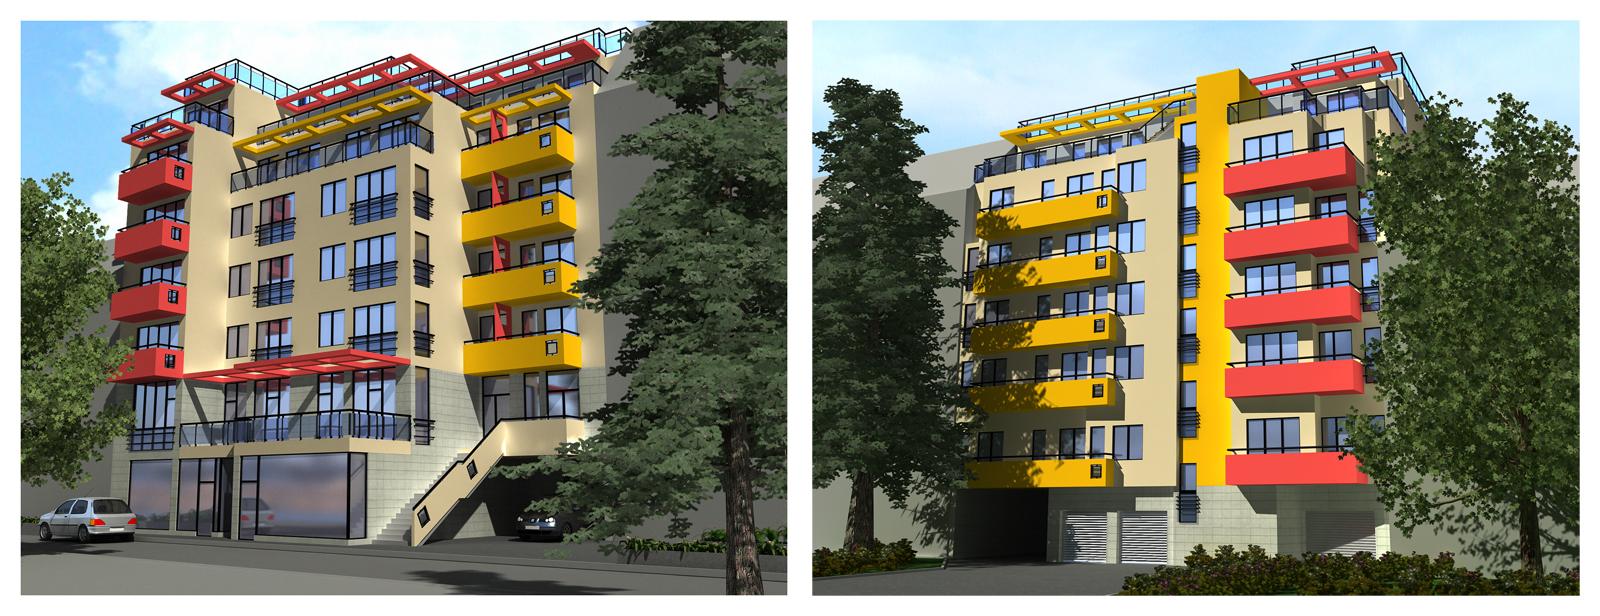 Продавам двустаен апартамент в гр. София, ж.к. Люлин 10!